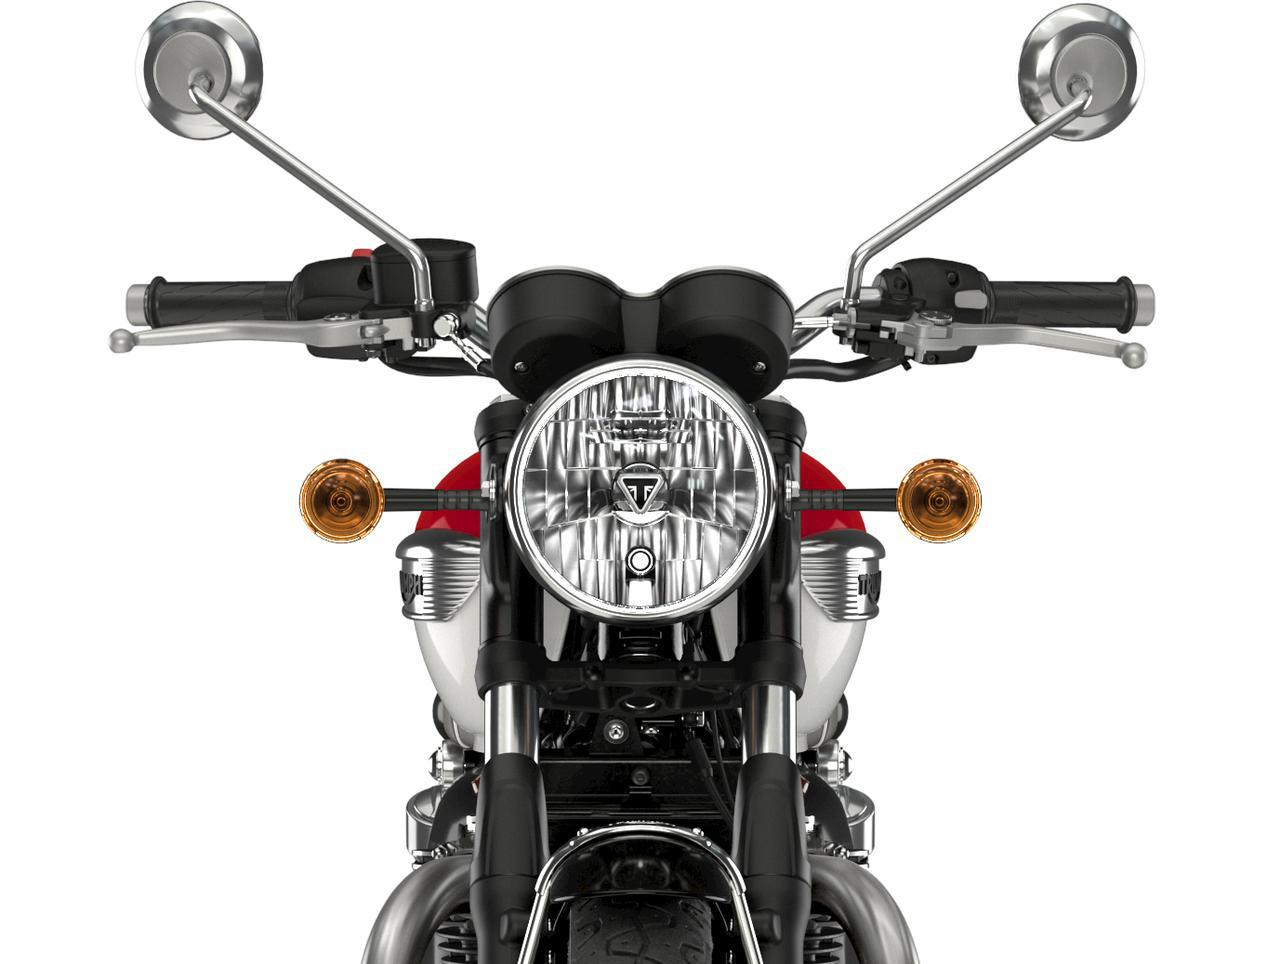 画像: 【人気カラー投票】トライアンフ新型「ボンネビルT100」2021年モデルの特徴 - webオートバイ